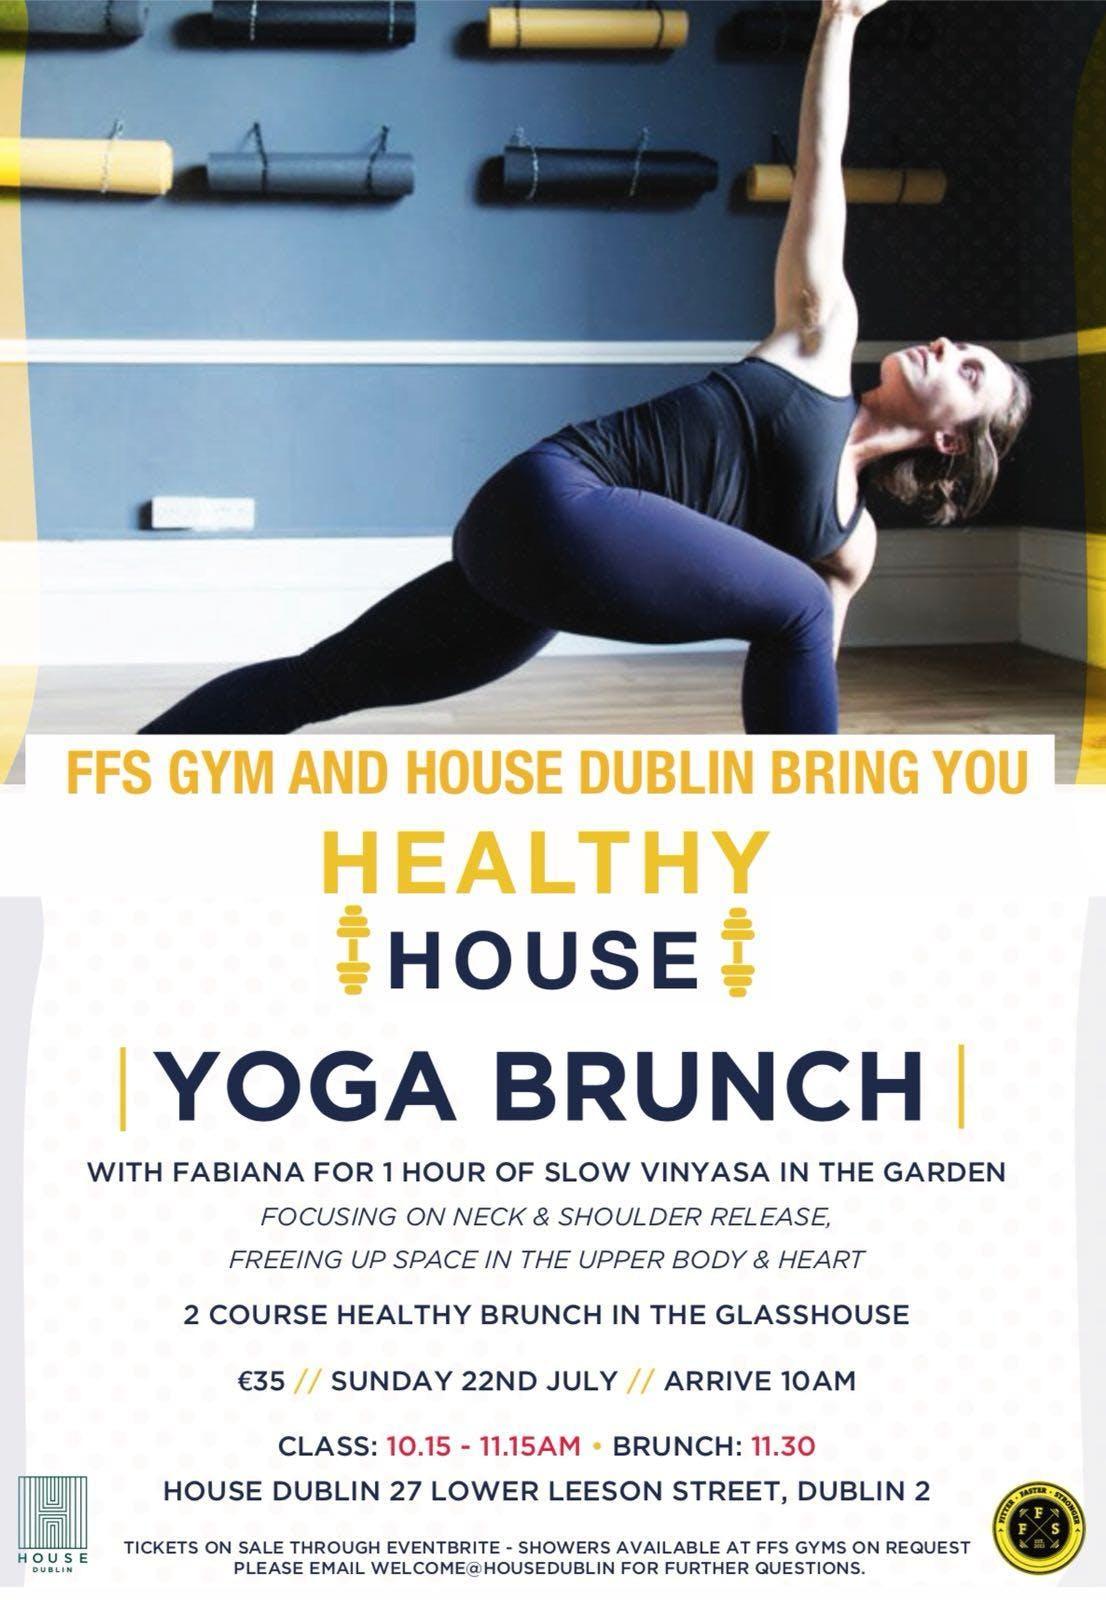 Yoga Brunch / Healthy House with FFS Yoga and House Dublin